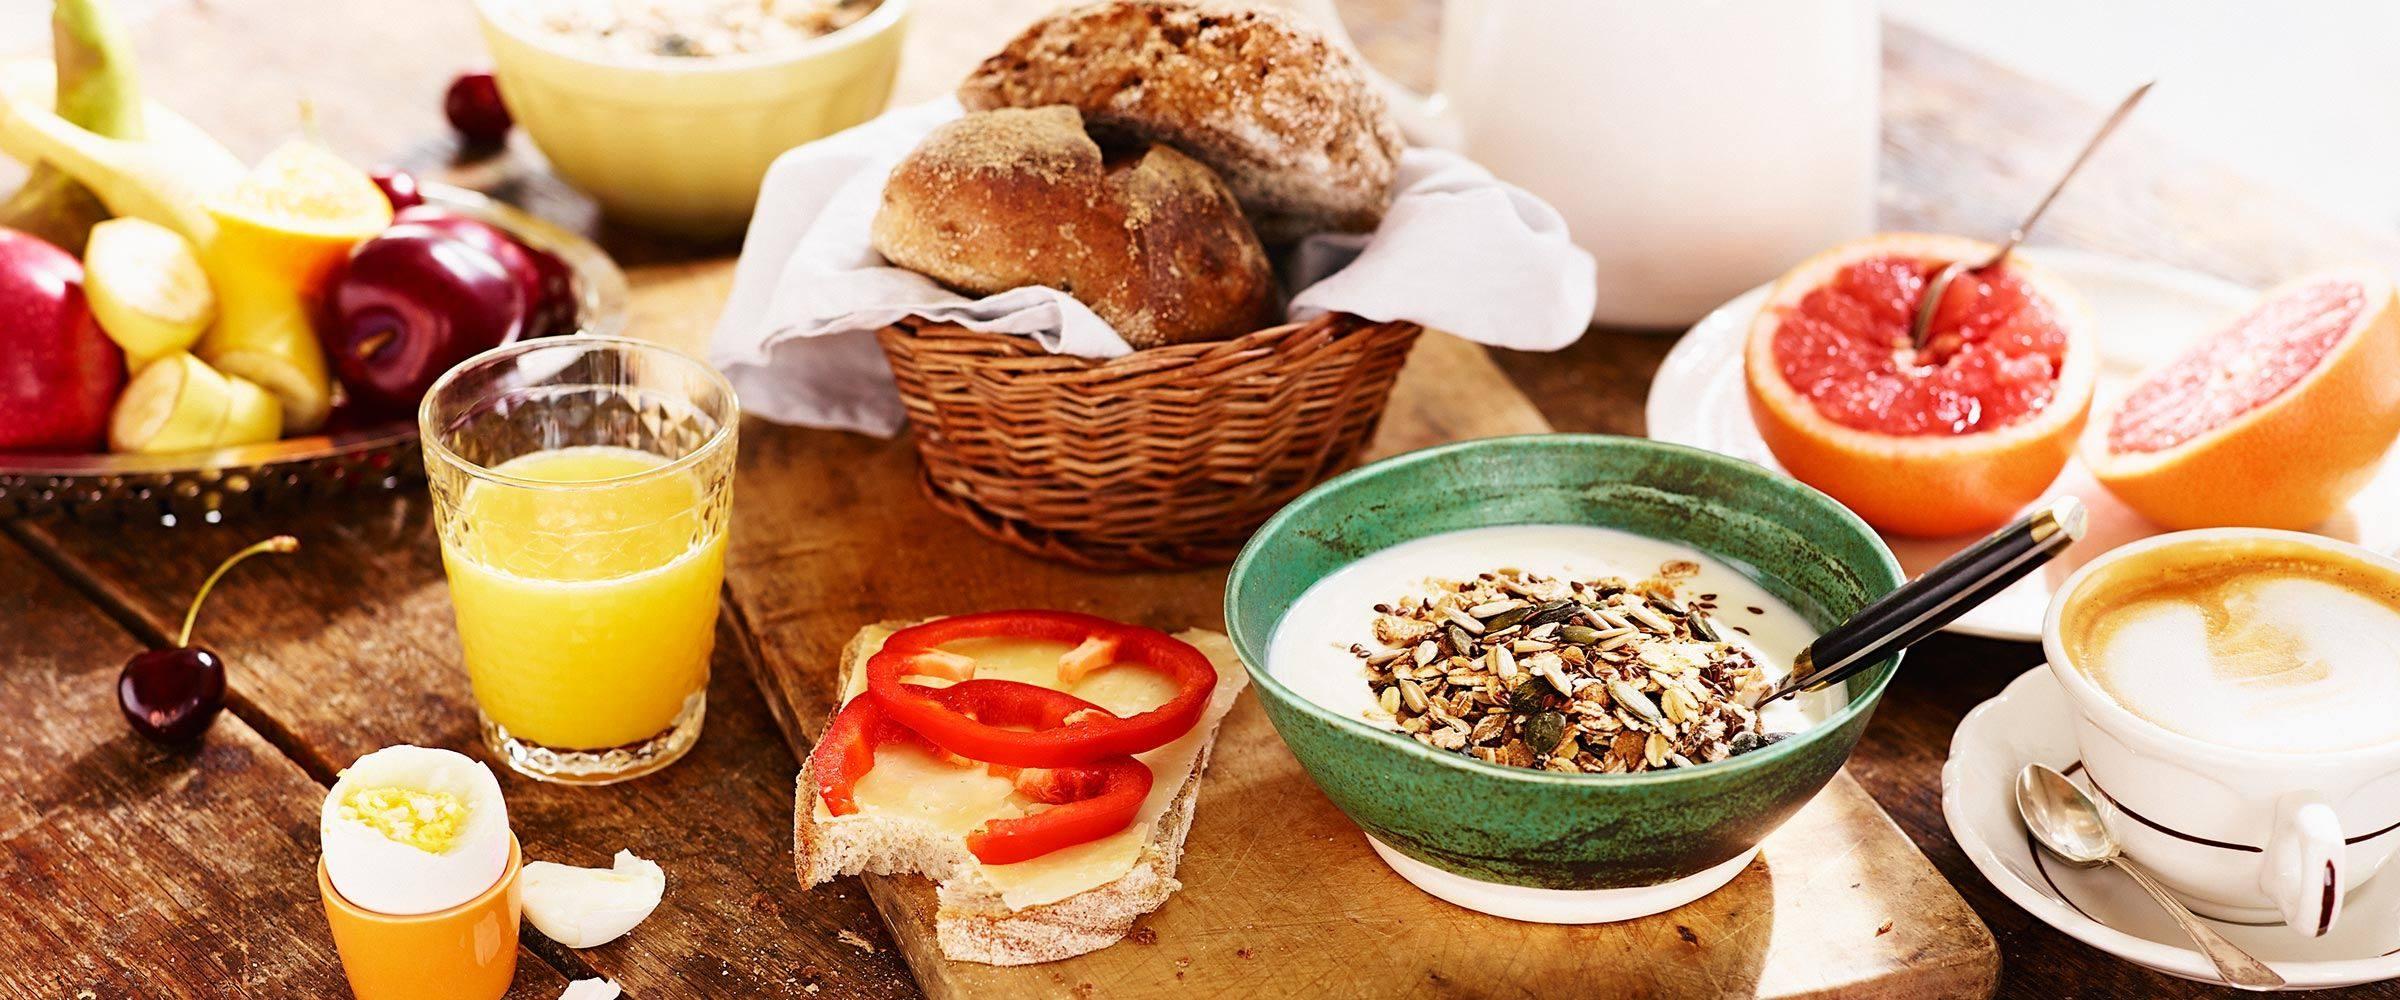 Uppdukad frukost med apelsinjuice, fil, frukt och smörgås.